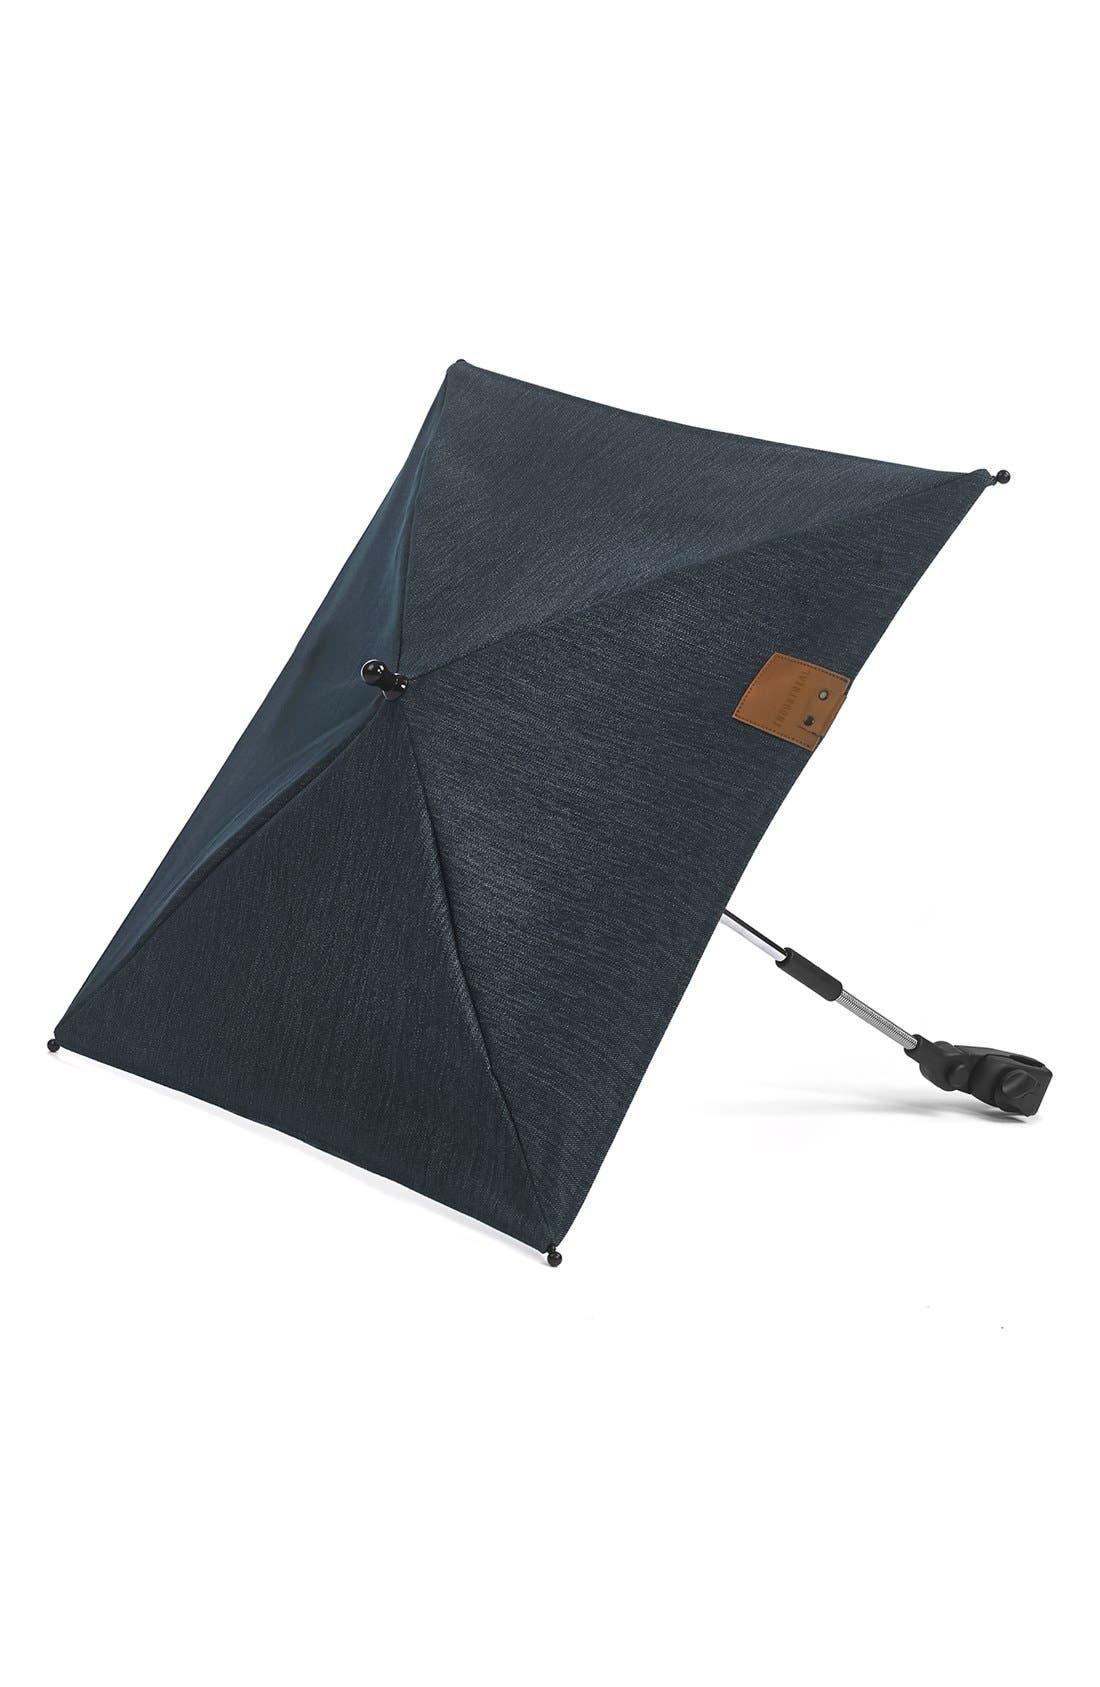 Alternate Image 2  - Mutsy 'Evo - Famer Earth' Stroller Umbrella